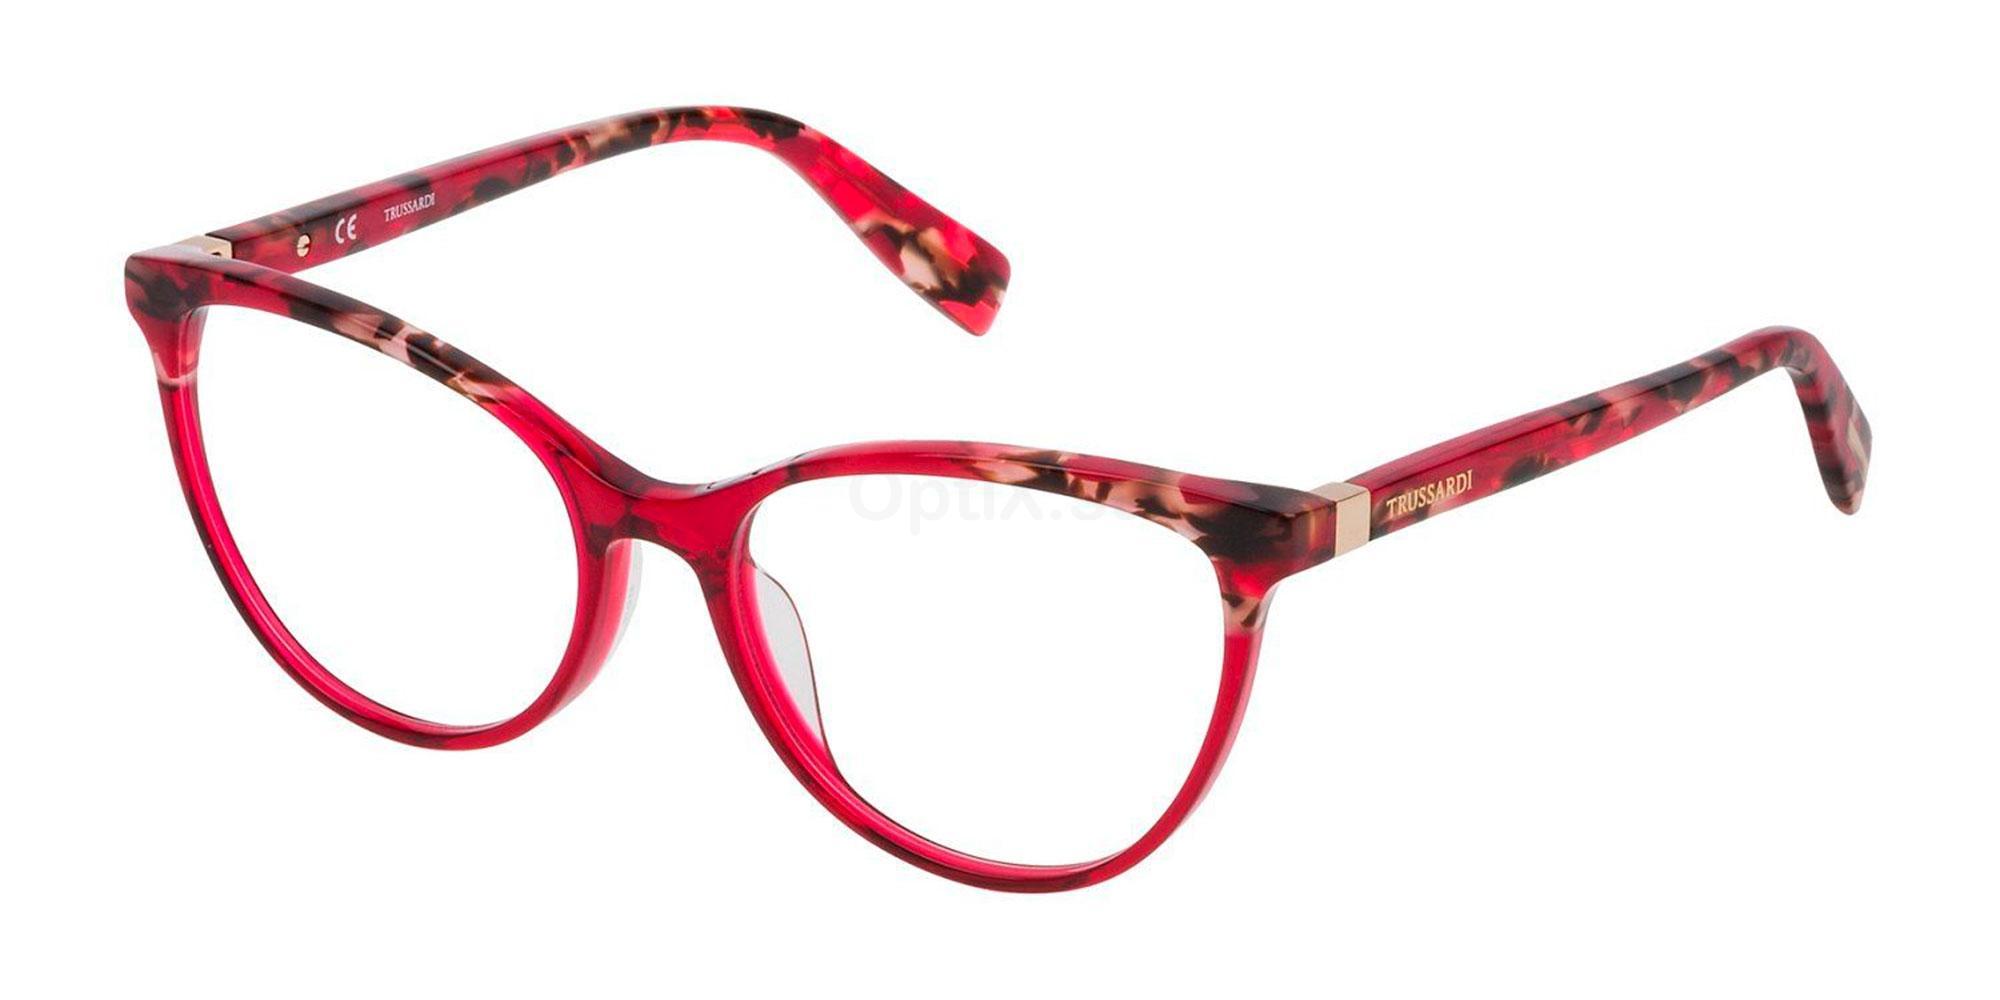 0764 VTR234 Glasses, Trussardi